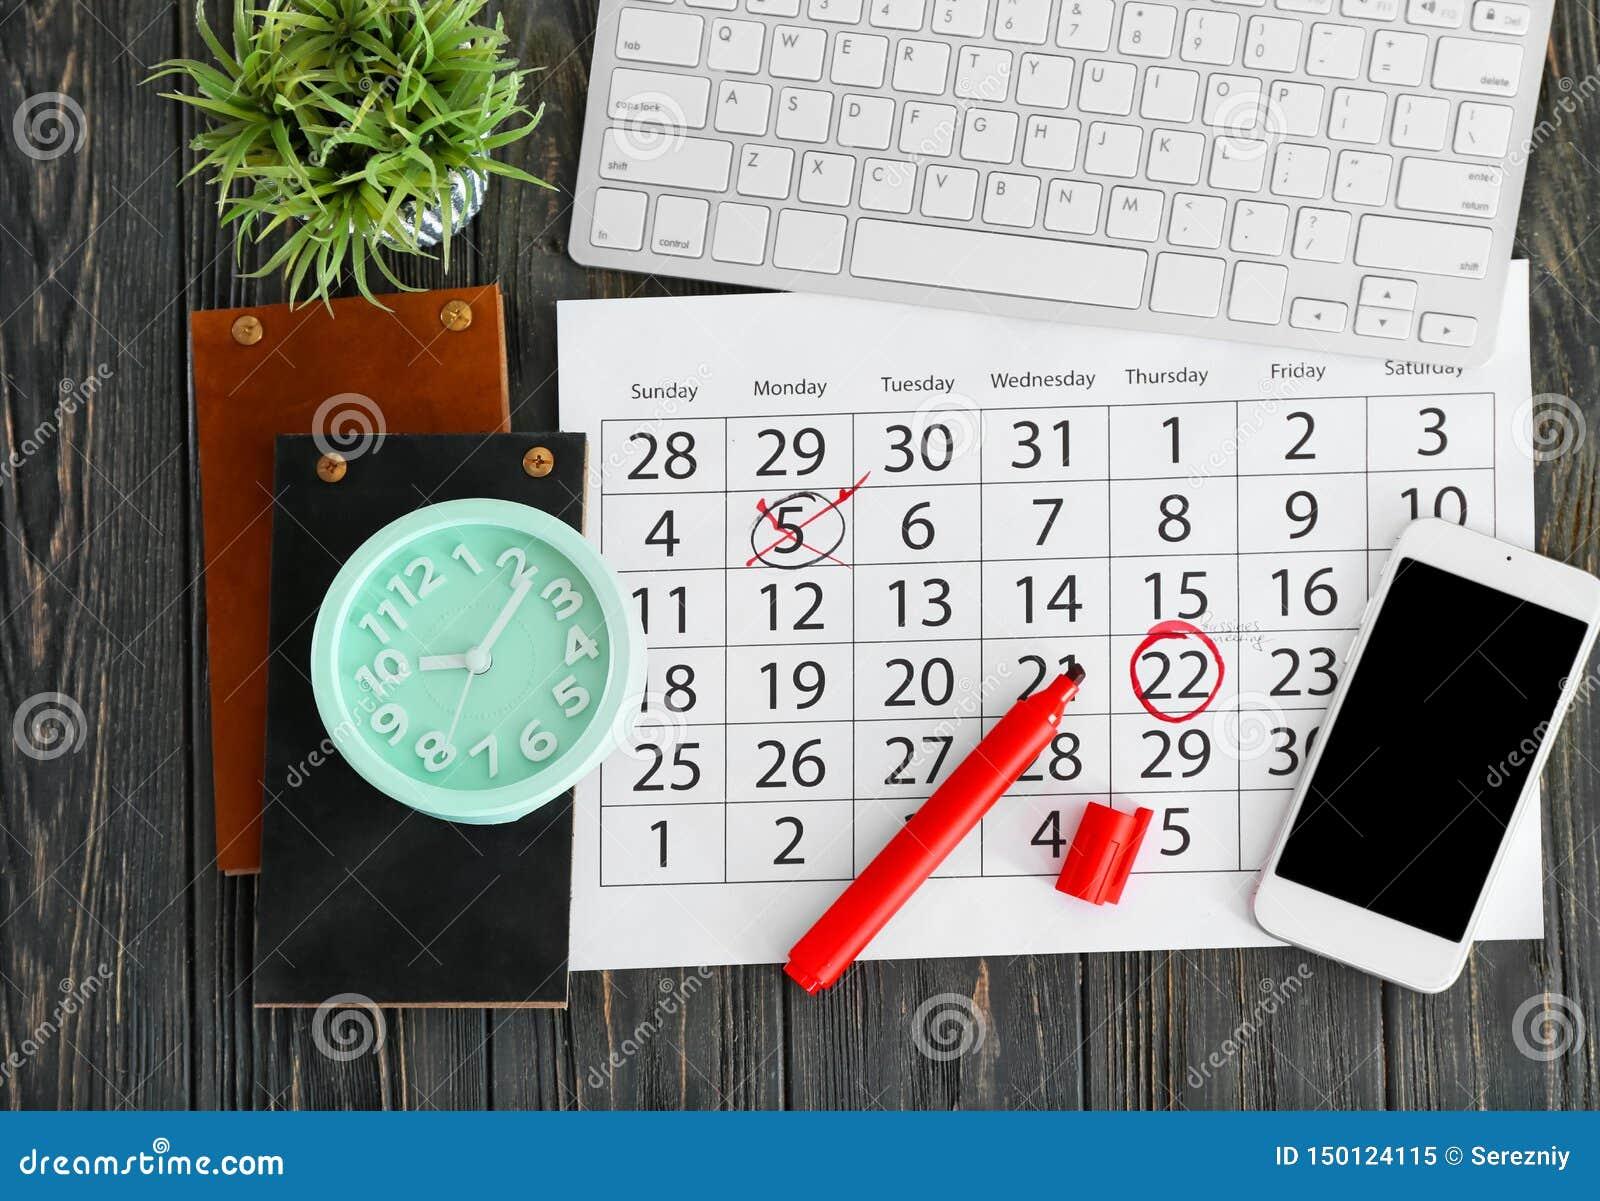 Composição do calendário com notas, teclado de computador e pulso de disparo no fundo de madeira